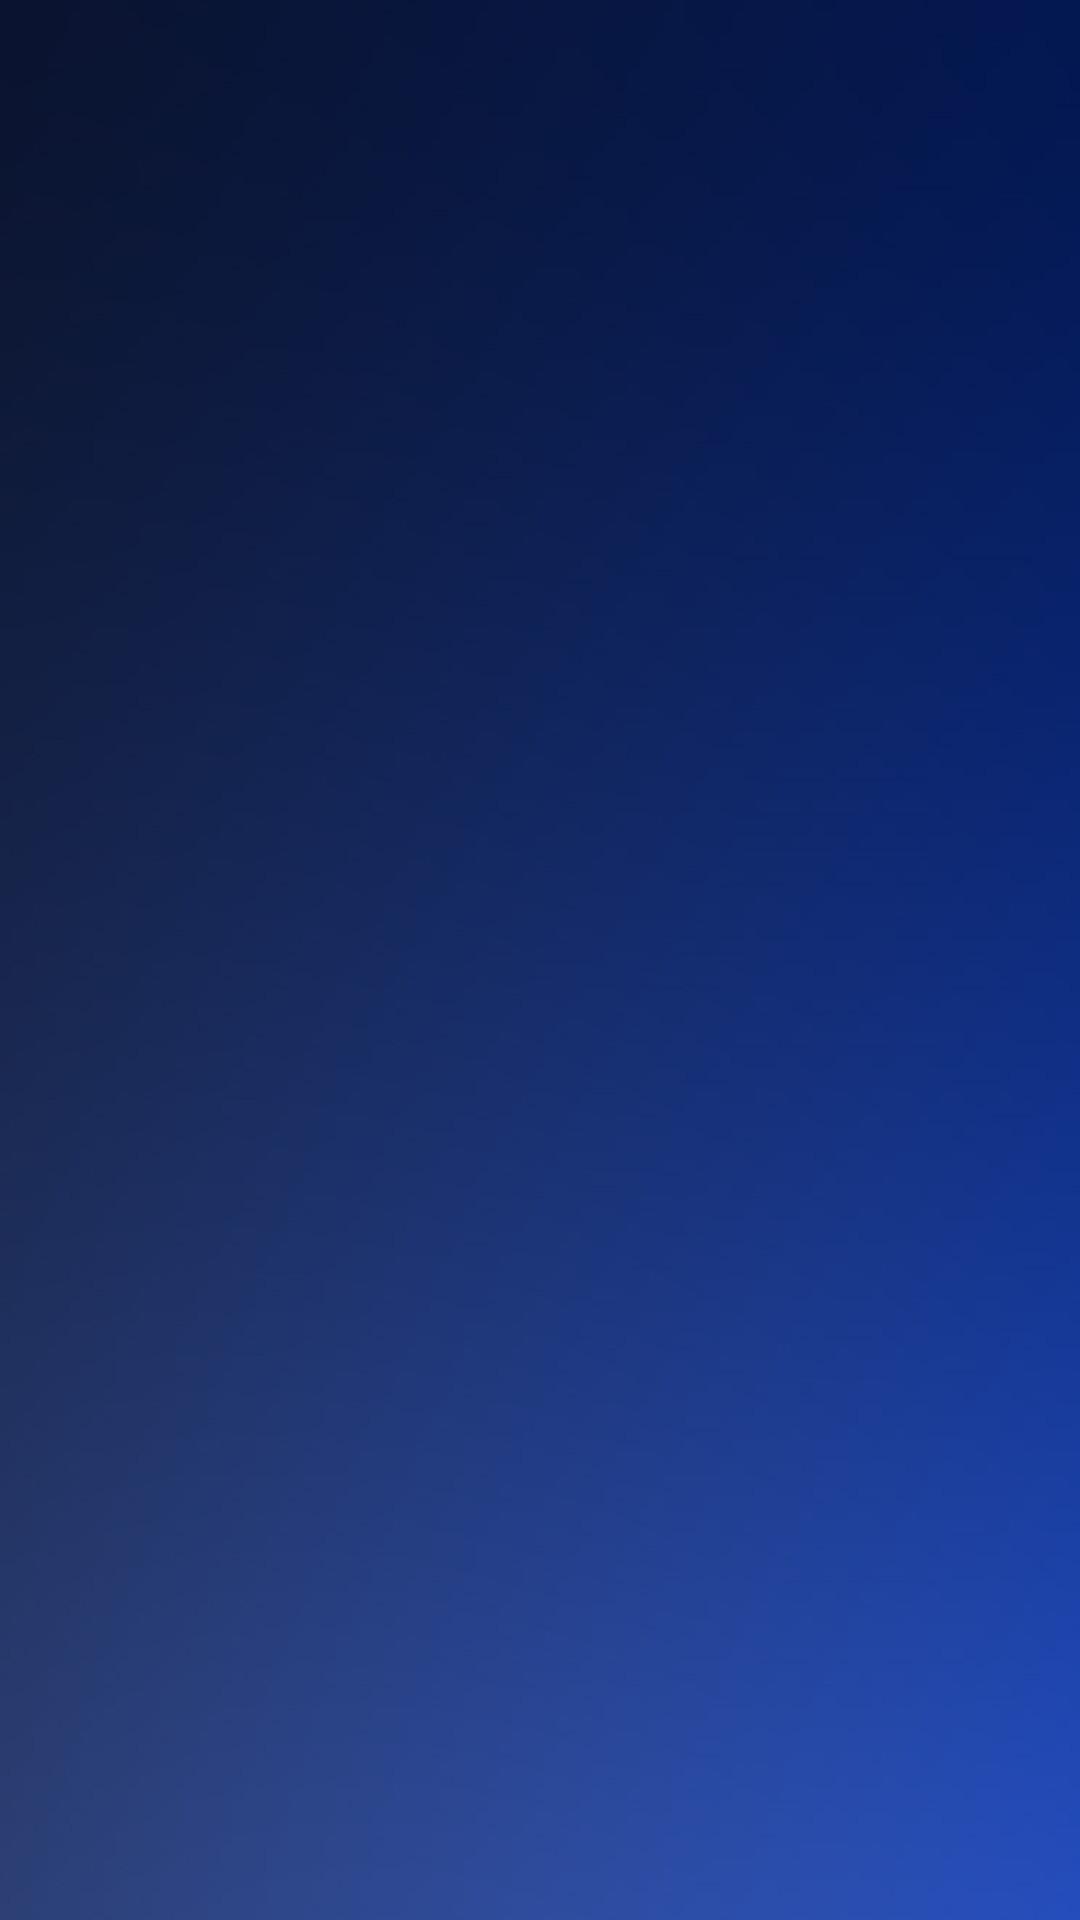 Pure Dark Blue Ocean Gradation Blur ...